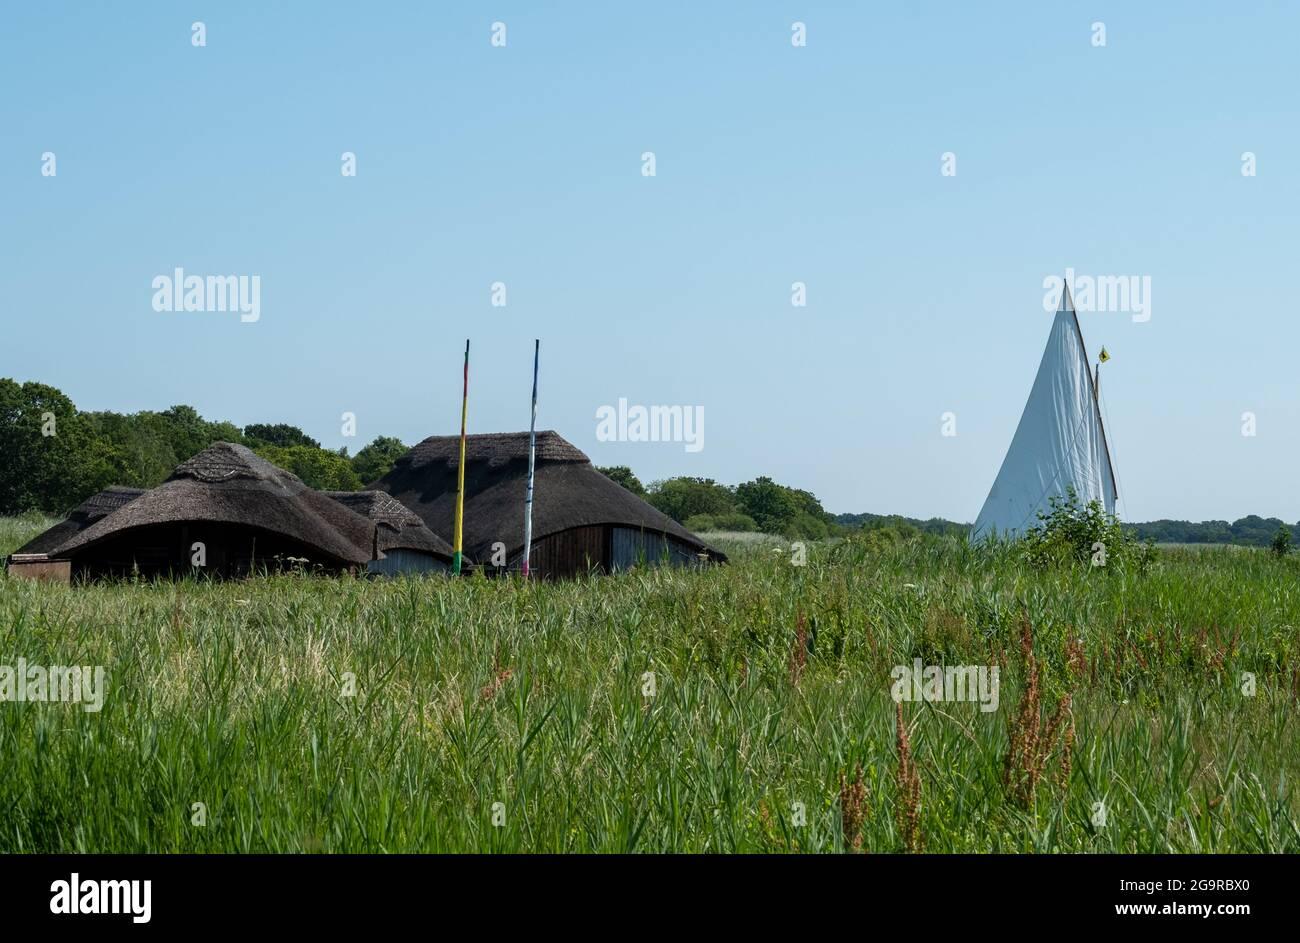 Les serres de chaume sont nichées parmi les grandes roseaux à herbe de Hickling Broad, à l'est de Norwich, dans le Norfolk, au Royaume-Uni. Bateau à voile au loin. Banque D'Images